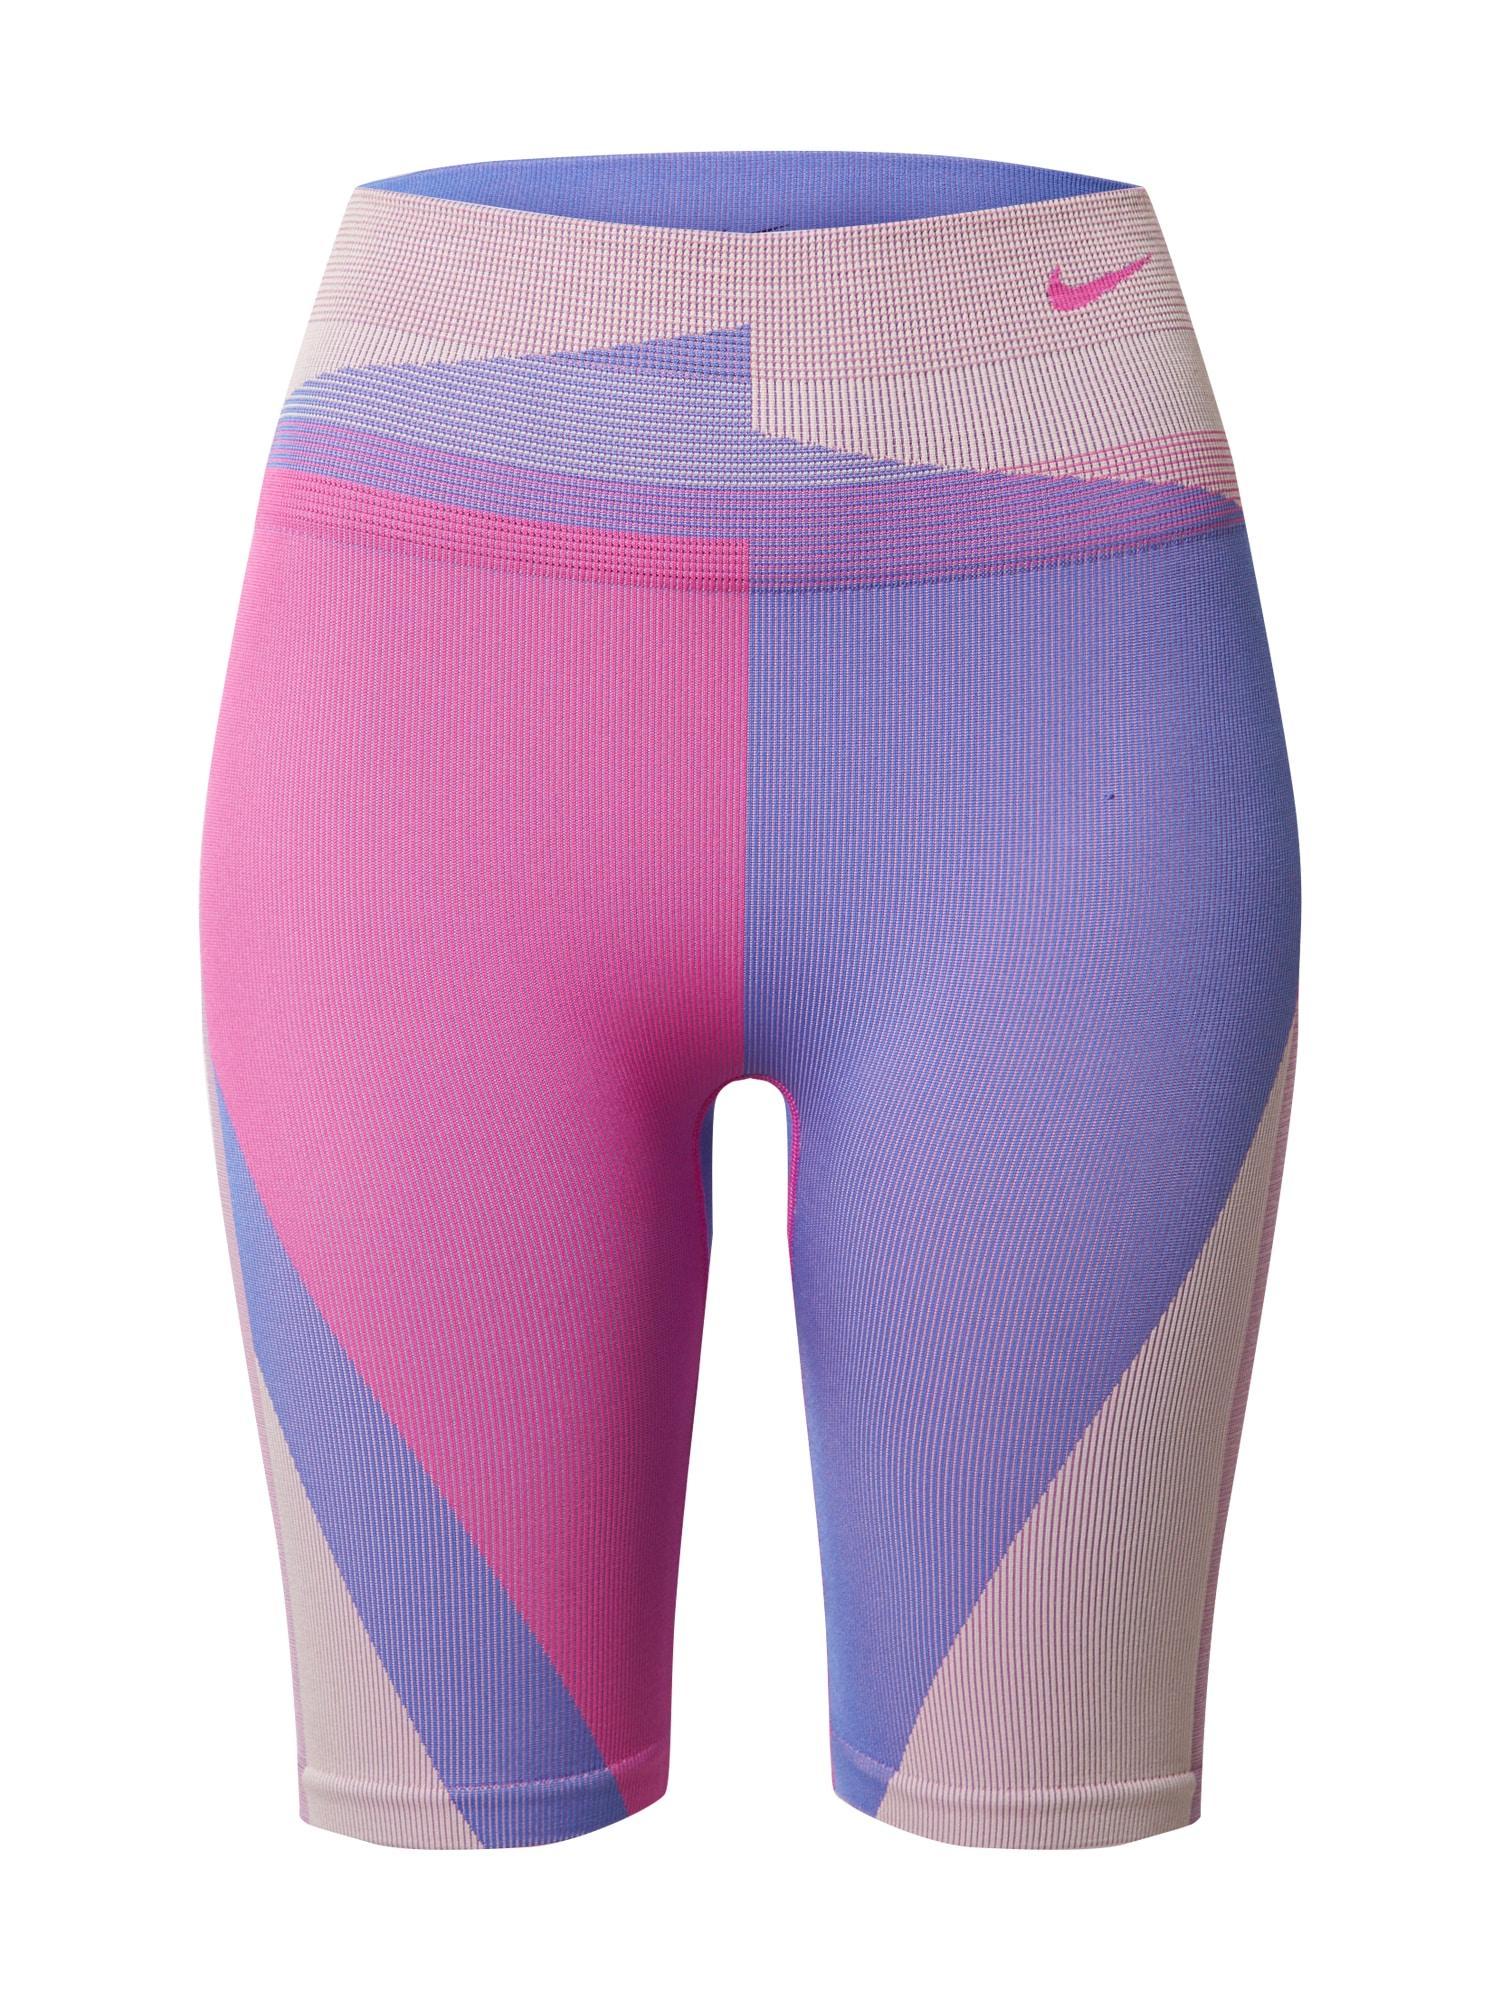 NIKE Sportinės kelnės 'Clash' purpurinė / rožinė